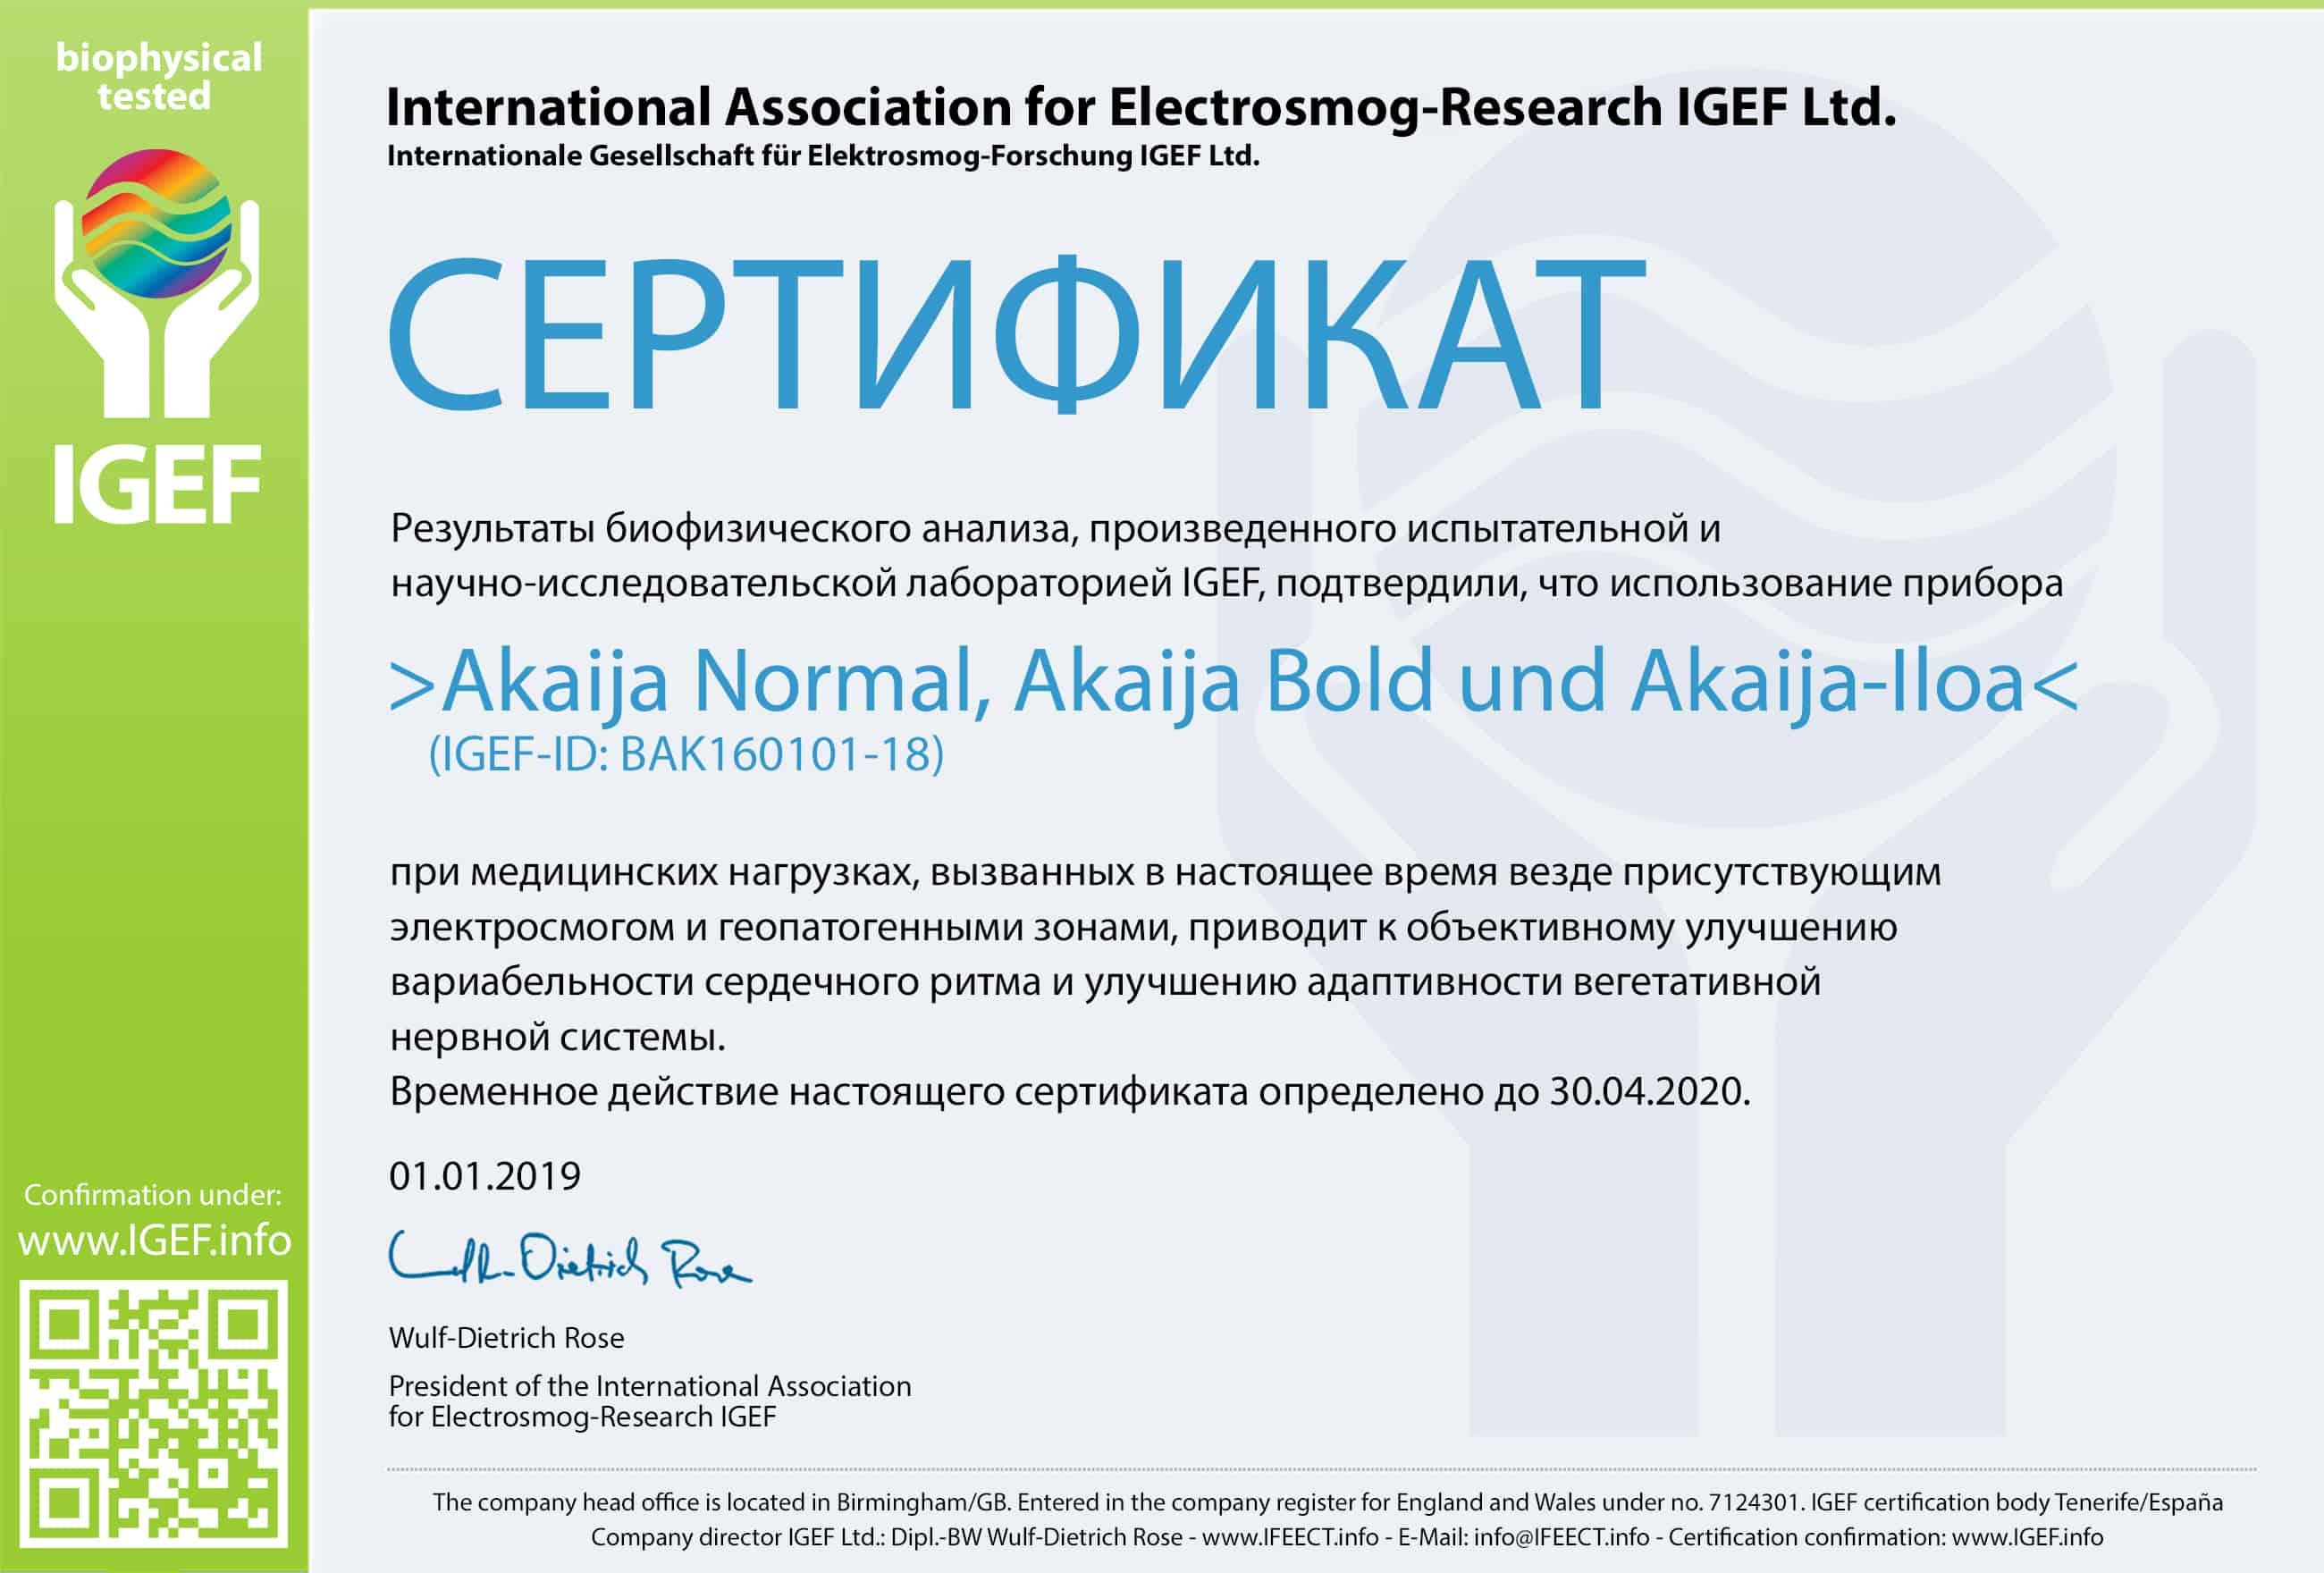 IGEF-Zertifikat-BAK-RU-19